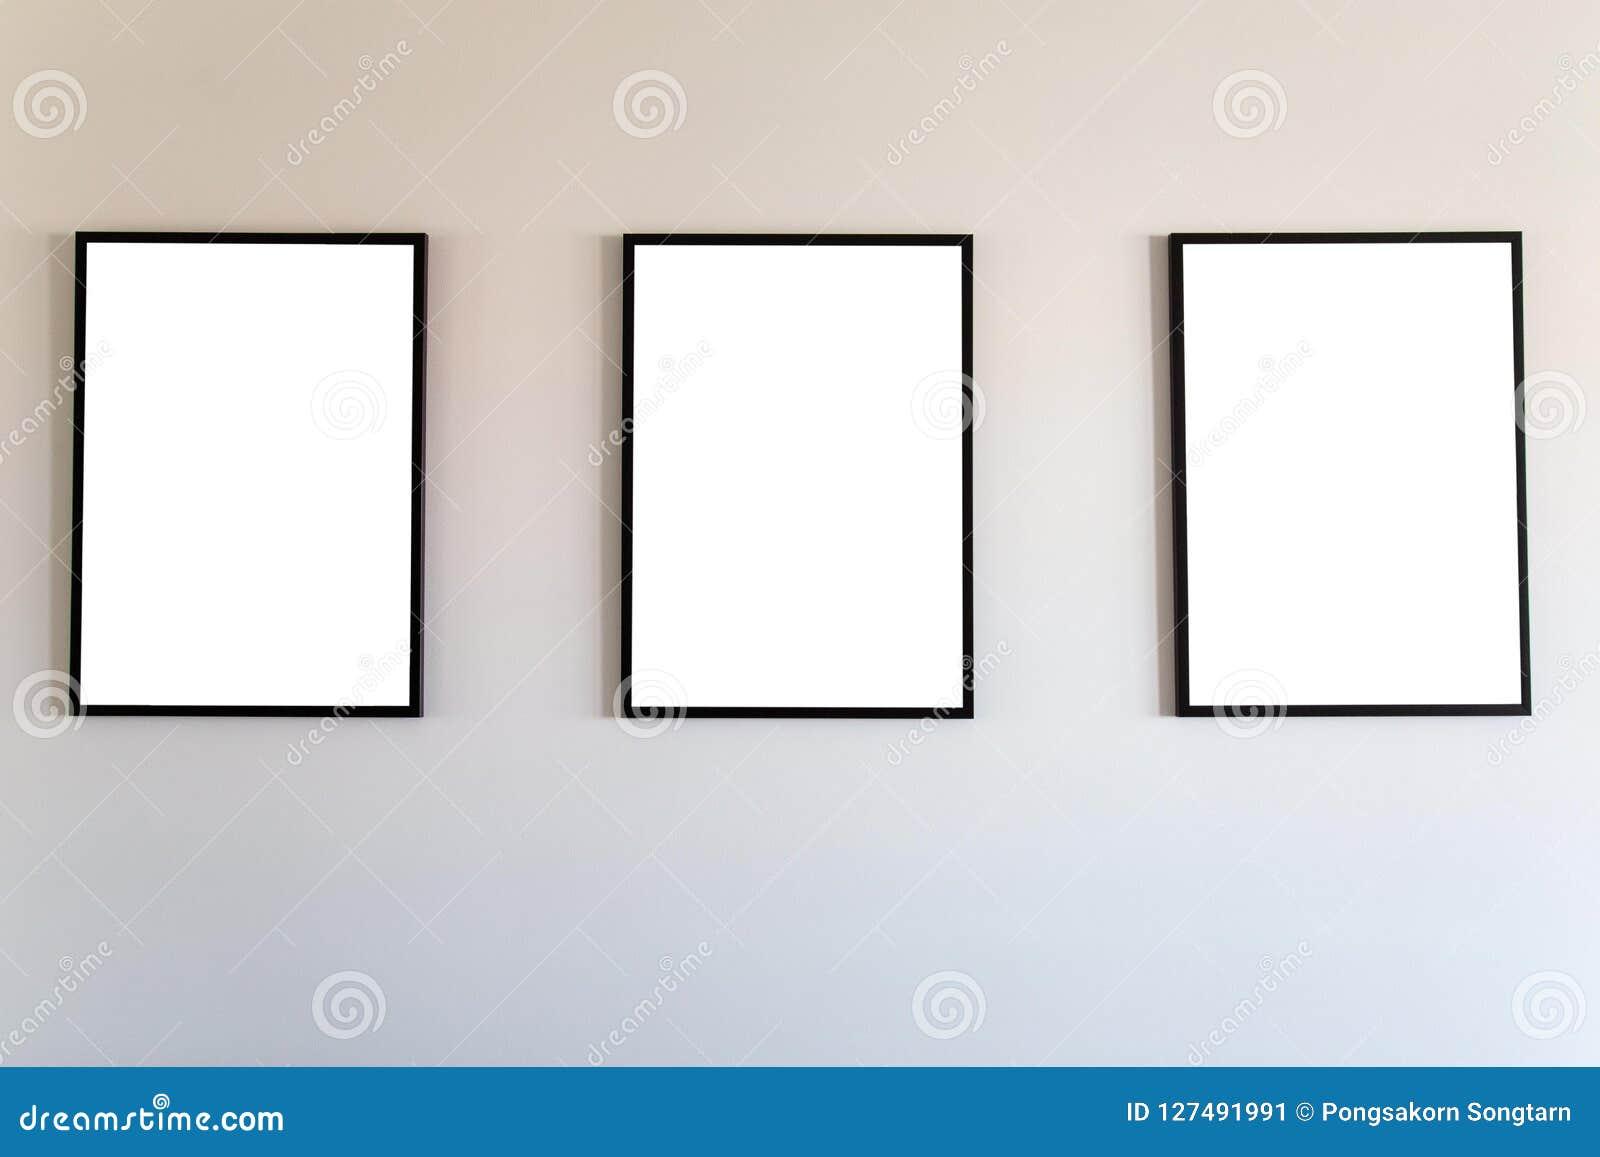 Blank frame mock up.